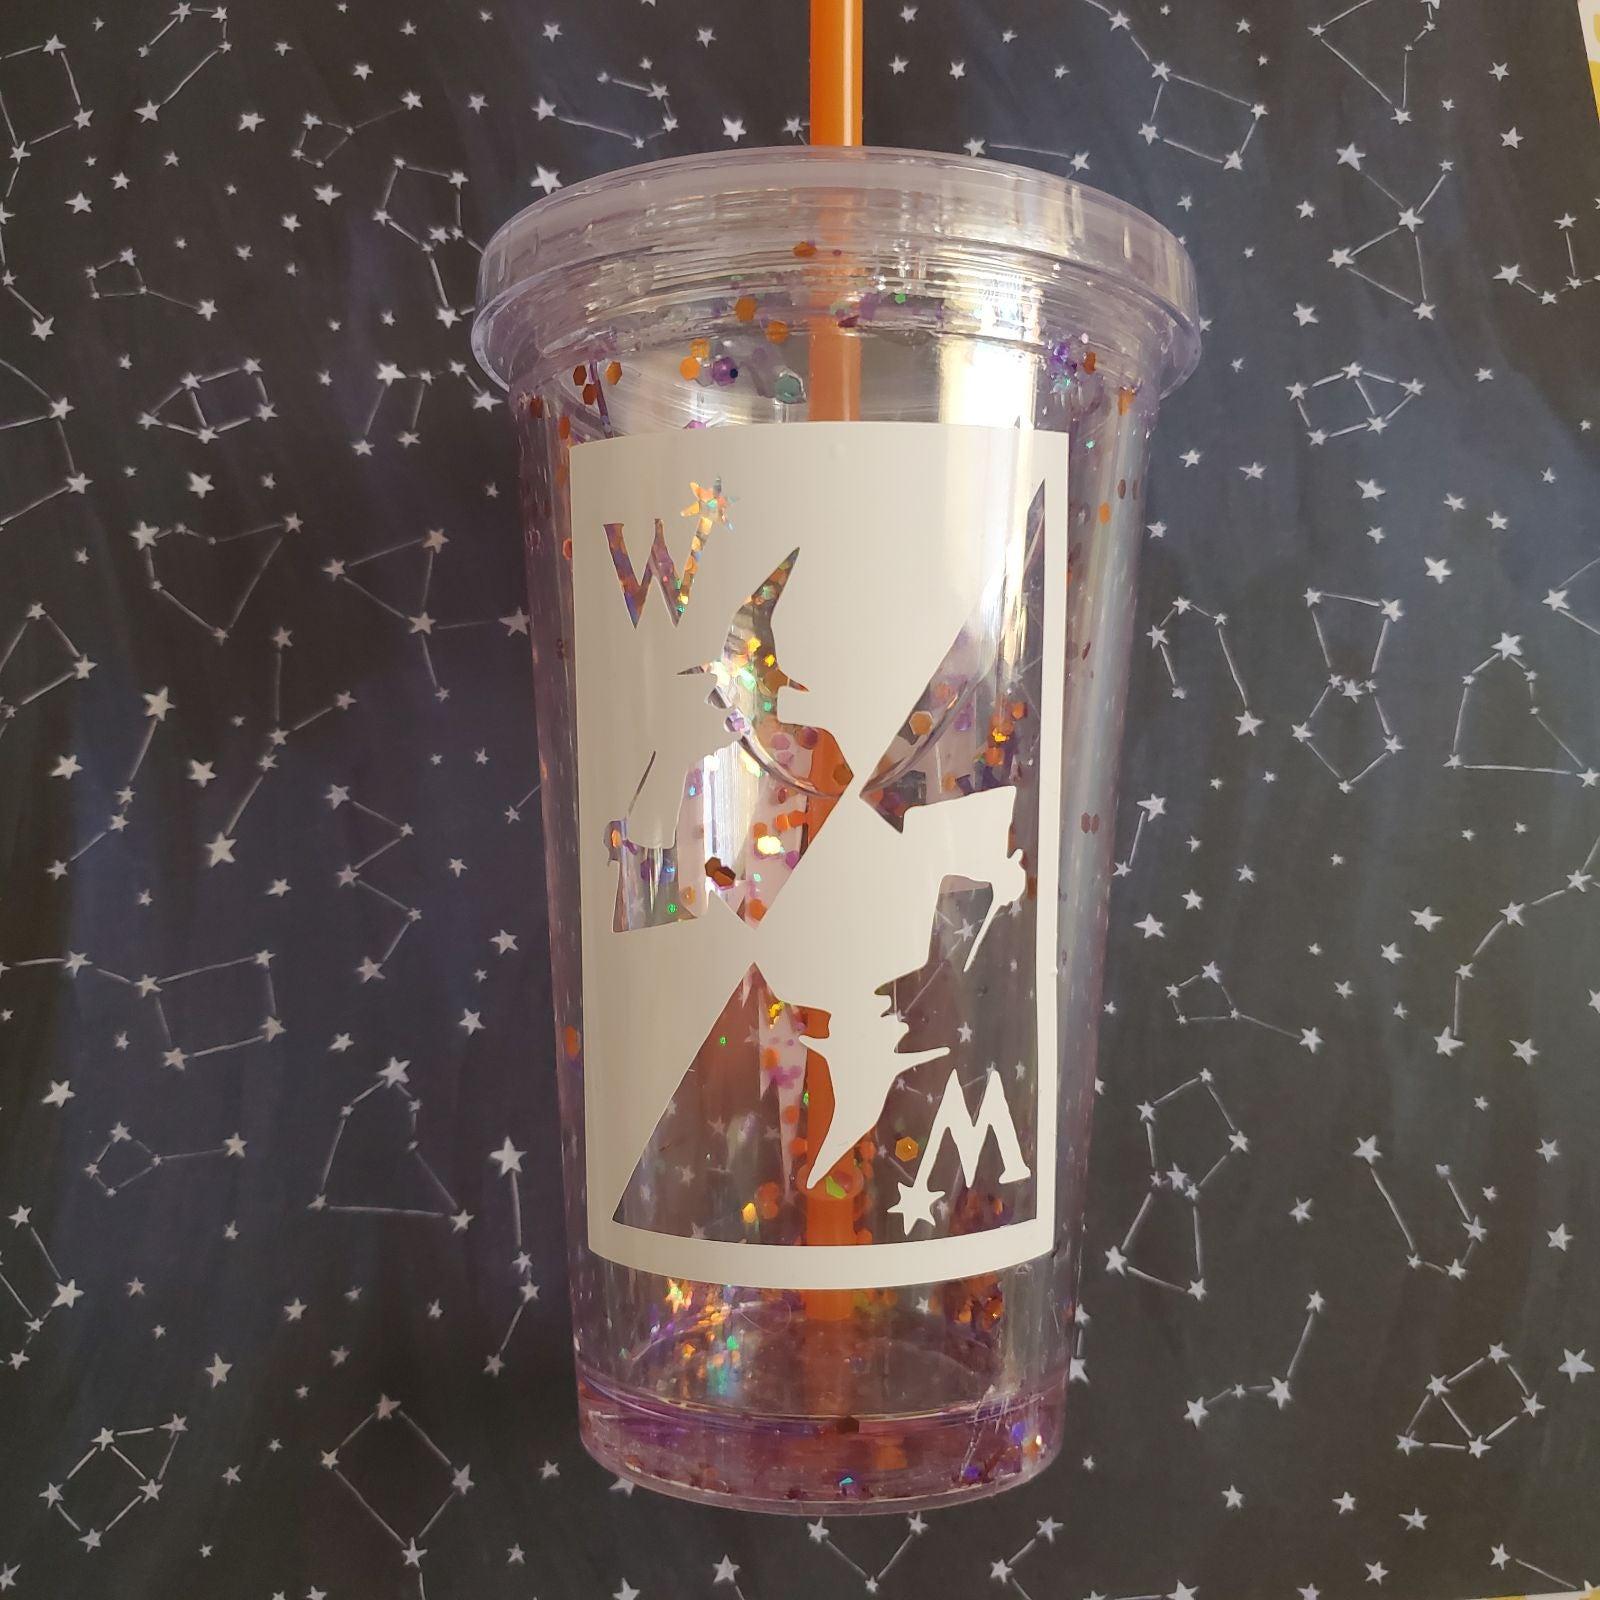 Weasley harry potter glitter cup